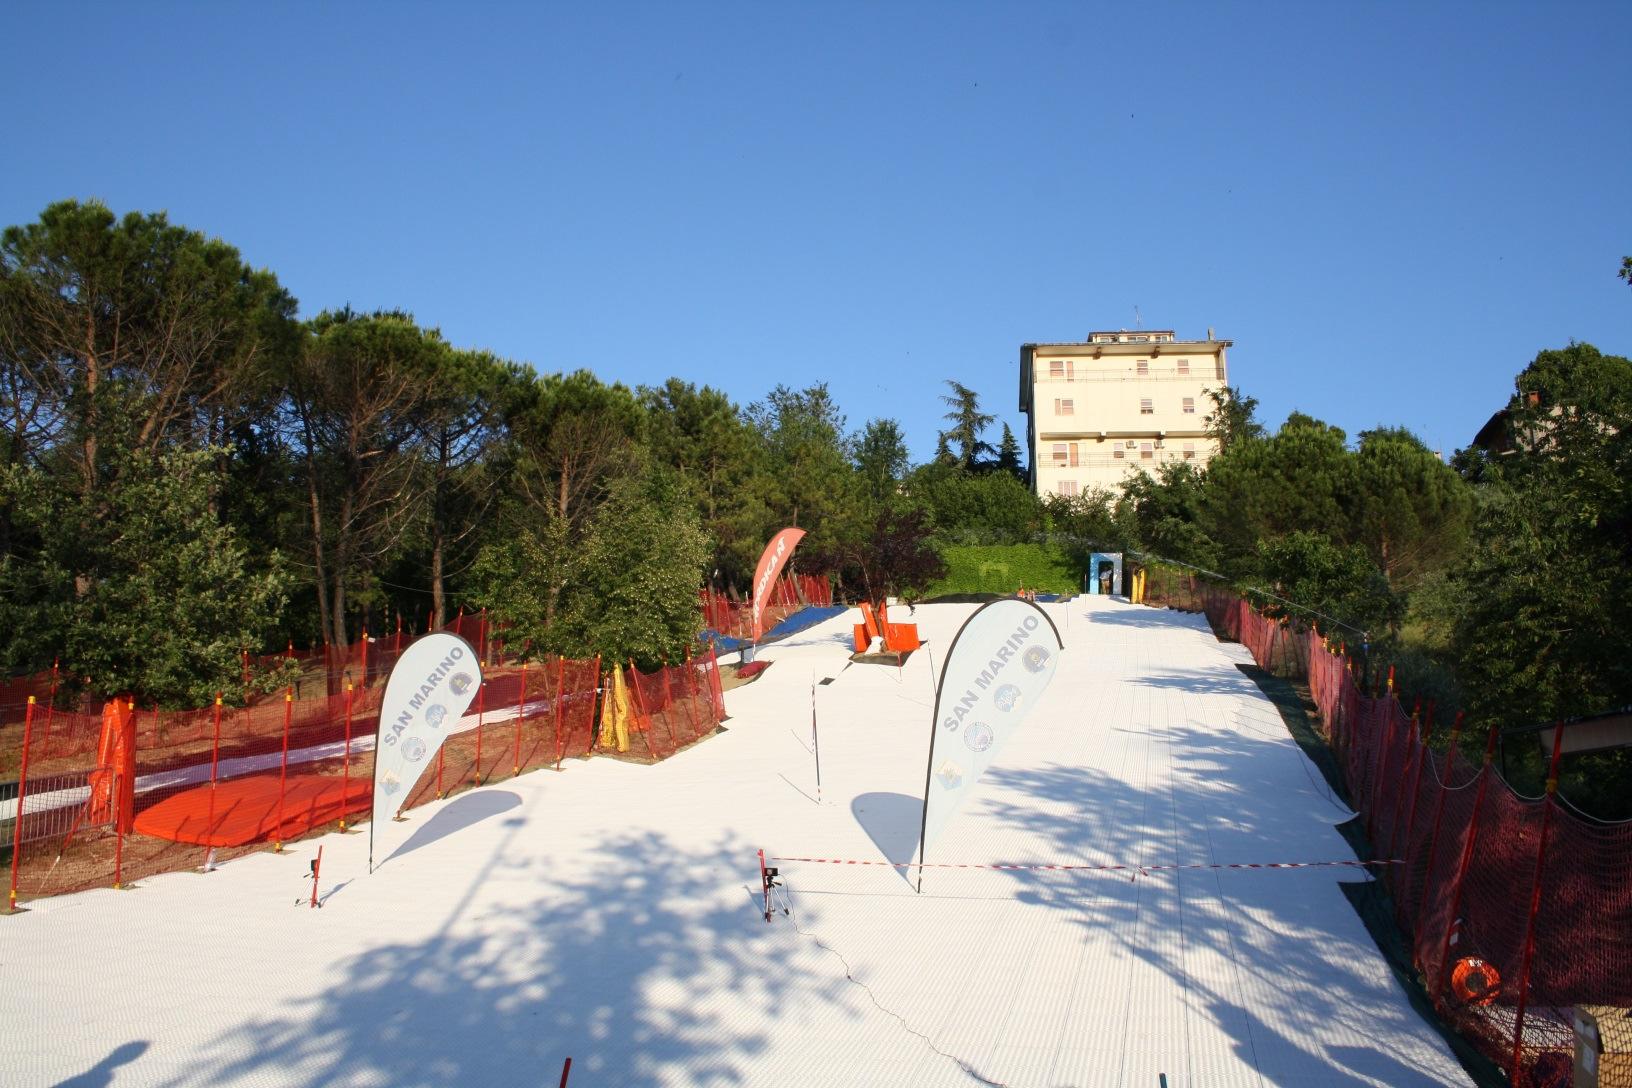 Installierte GEOSKI Anlage für ganzjährigen Skisport in den Mittelgebirgen